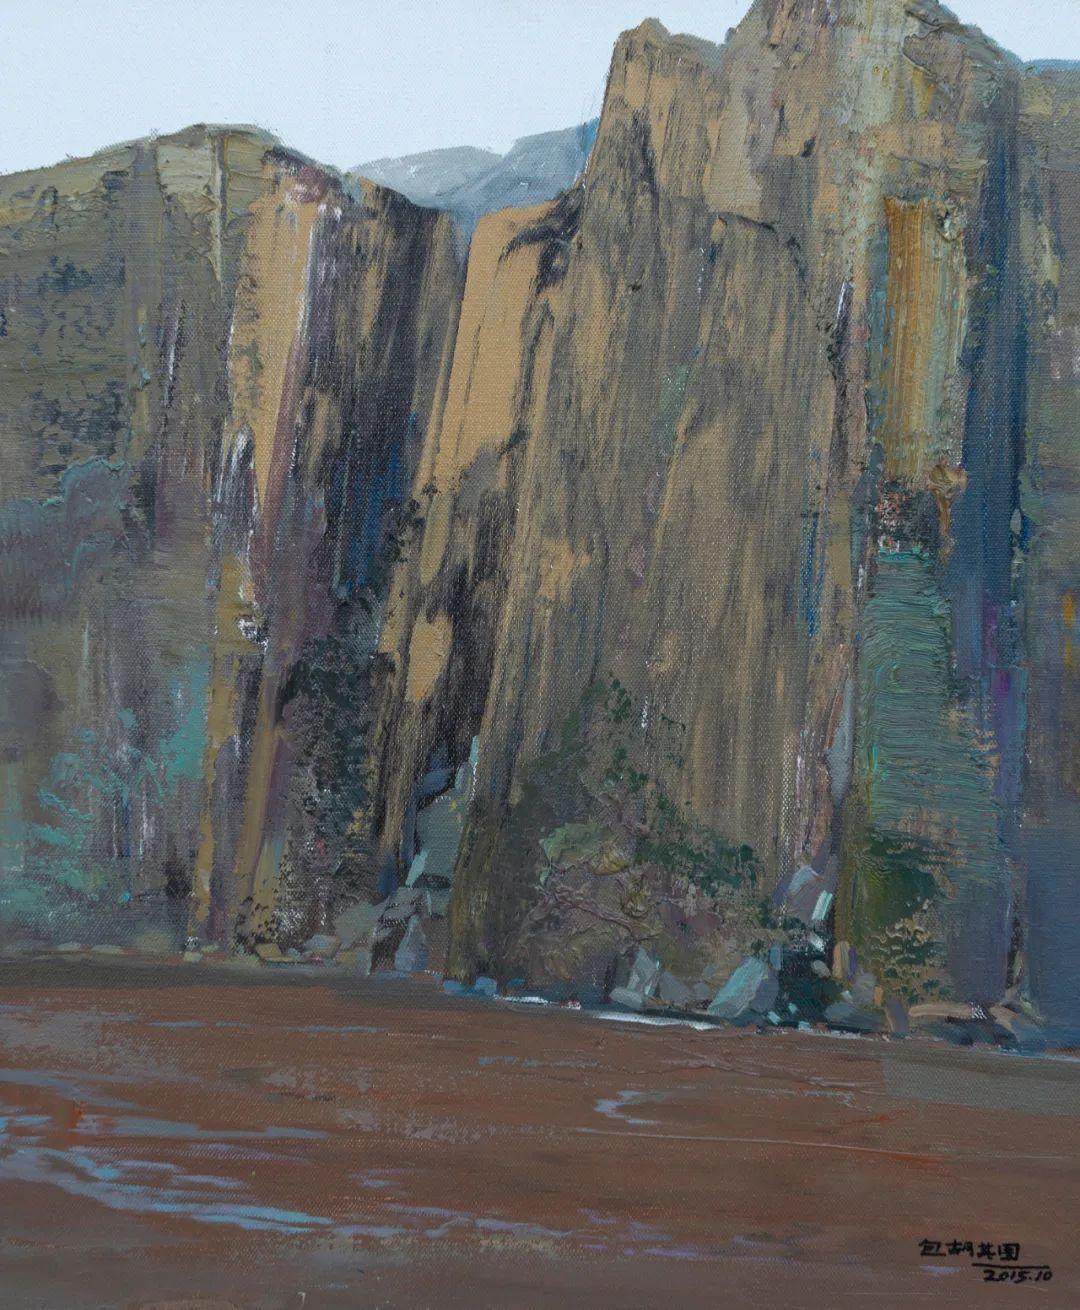 家乡美 | 科尔沁首届油画作品展部分作品(上) 第11张 家乡美 | 科尔沁首届油画作品展部分作品(上) 蒙古画廊